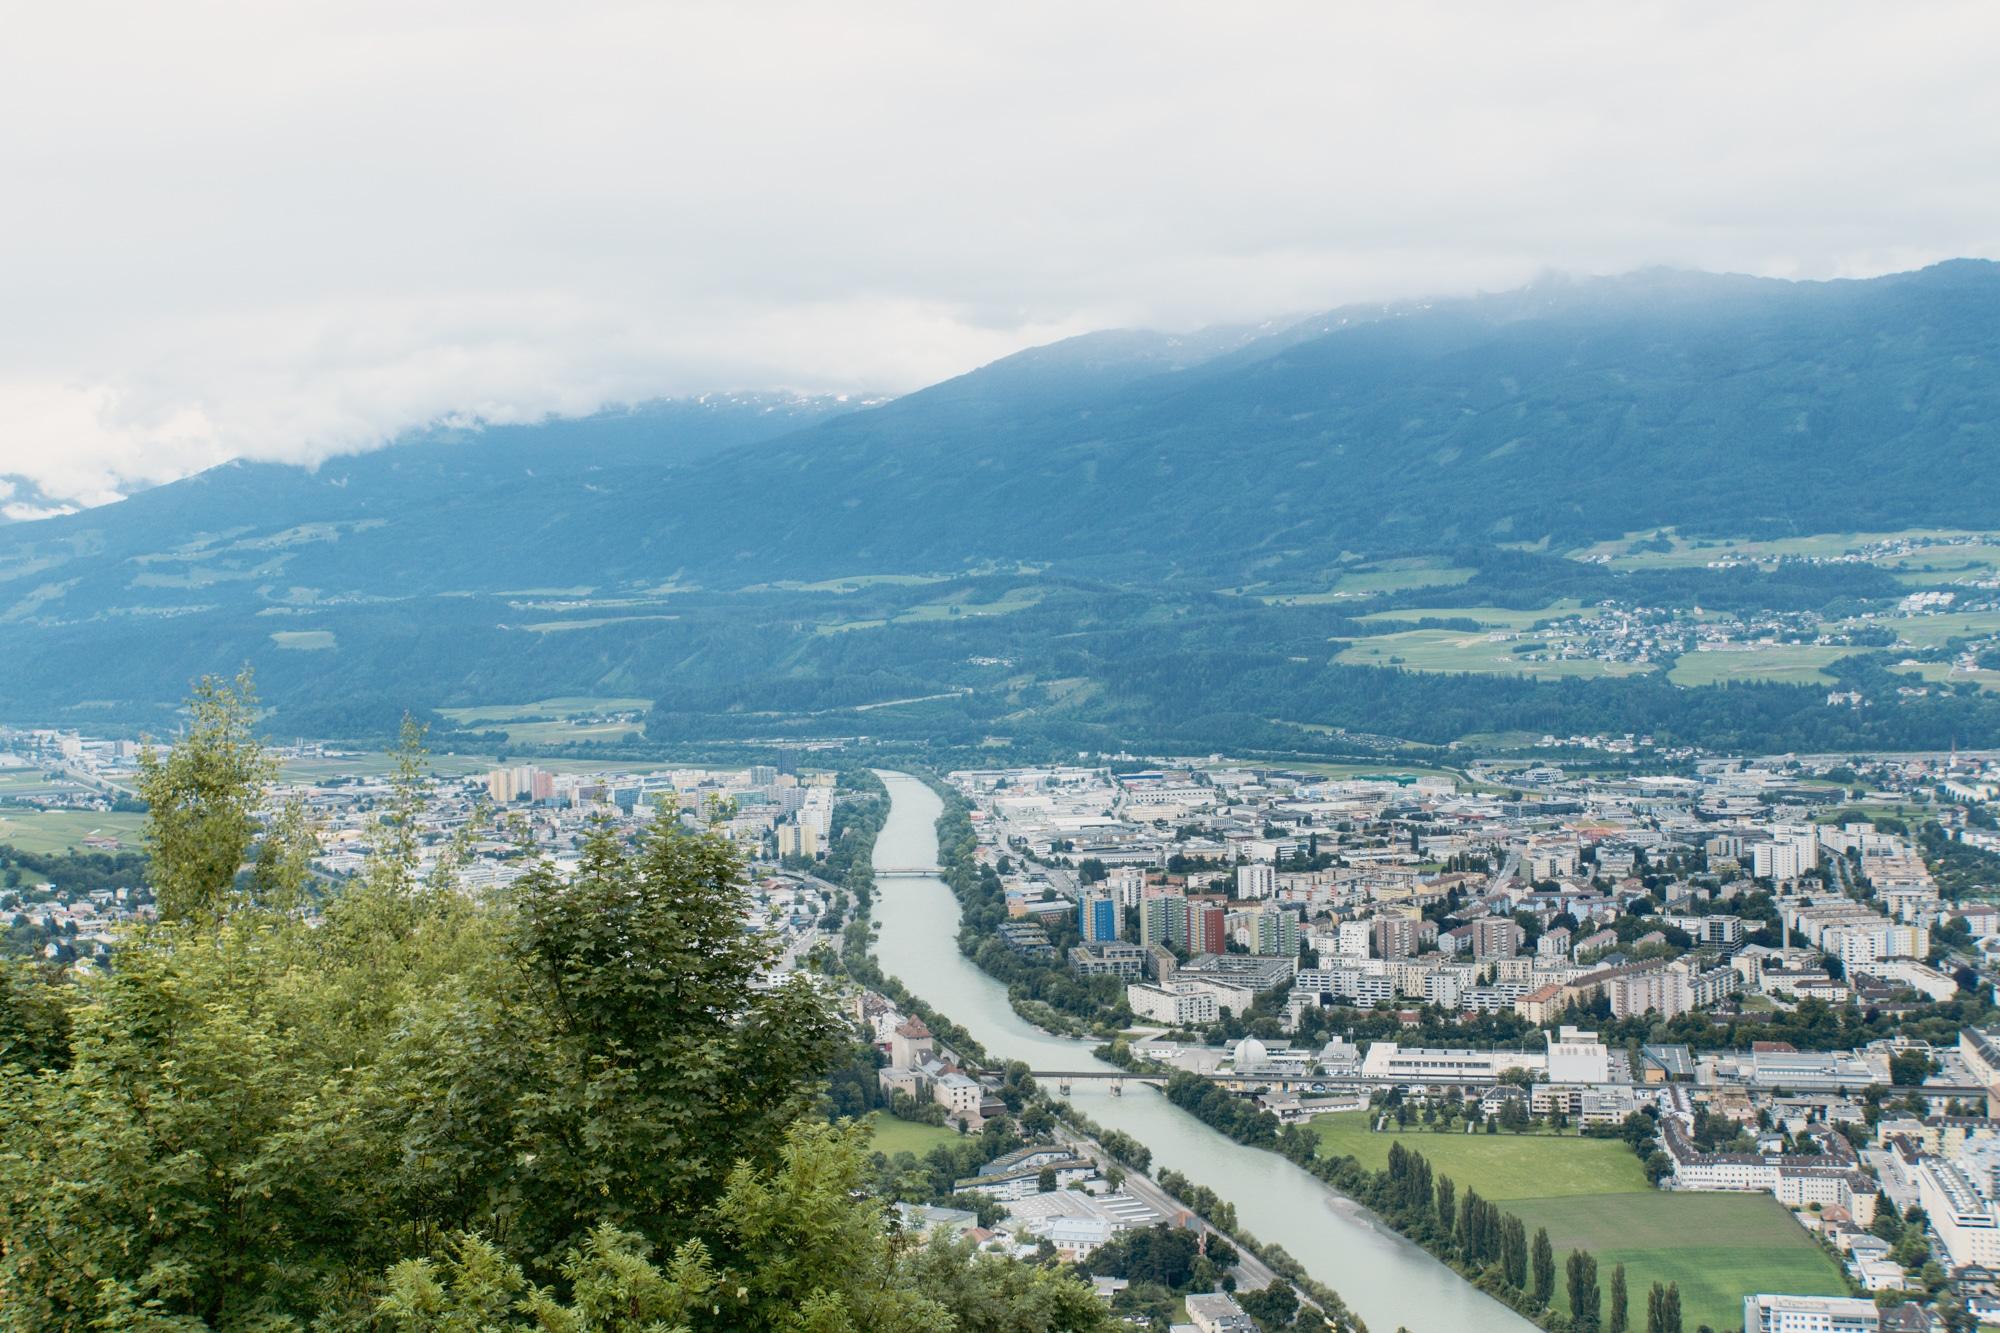 Innsbruck Sehenswürdigkeiten: Top Ten Highlights und Tipps für die Stadt - Aussicht Hungerburg